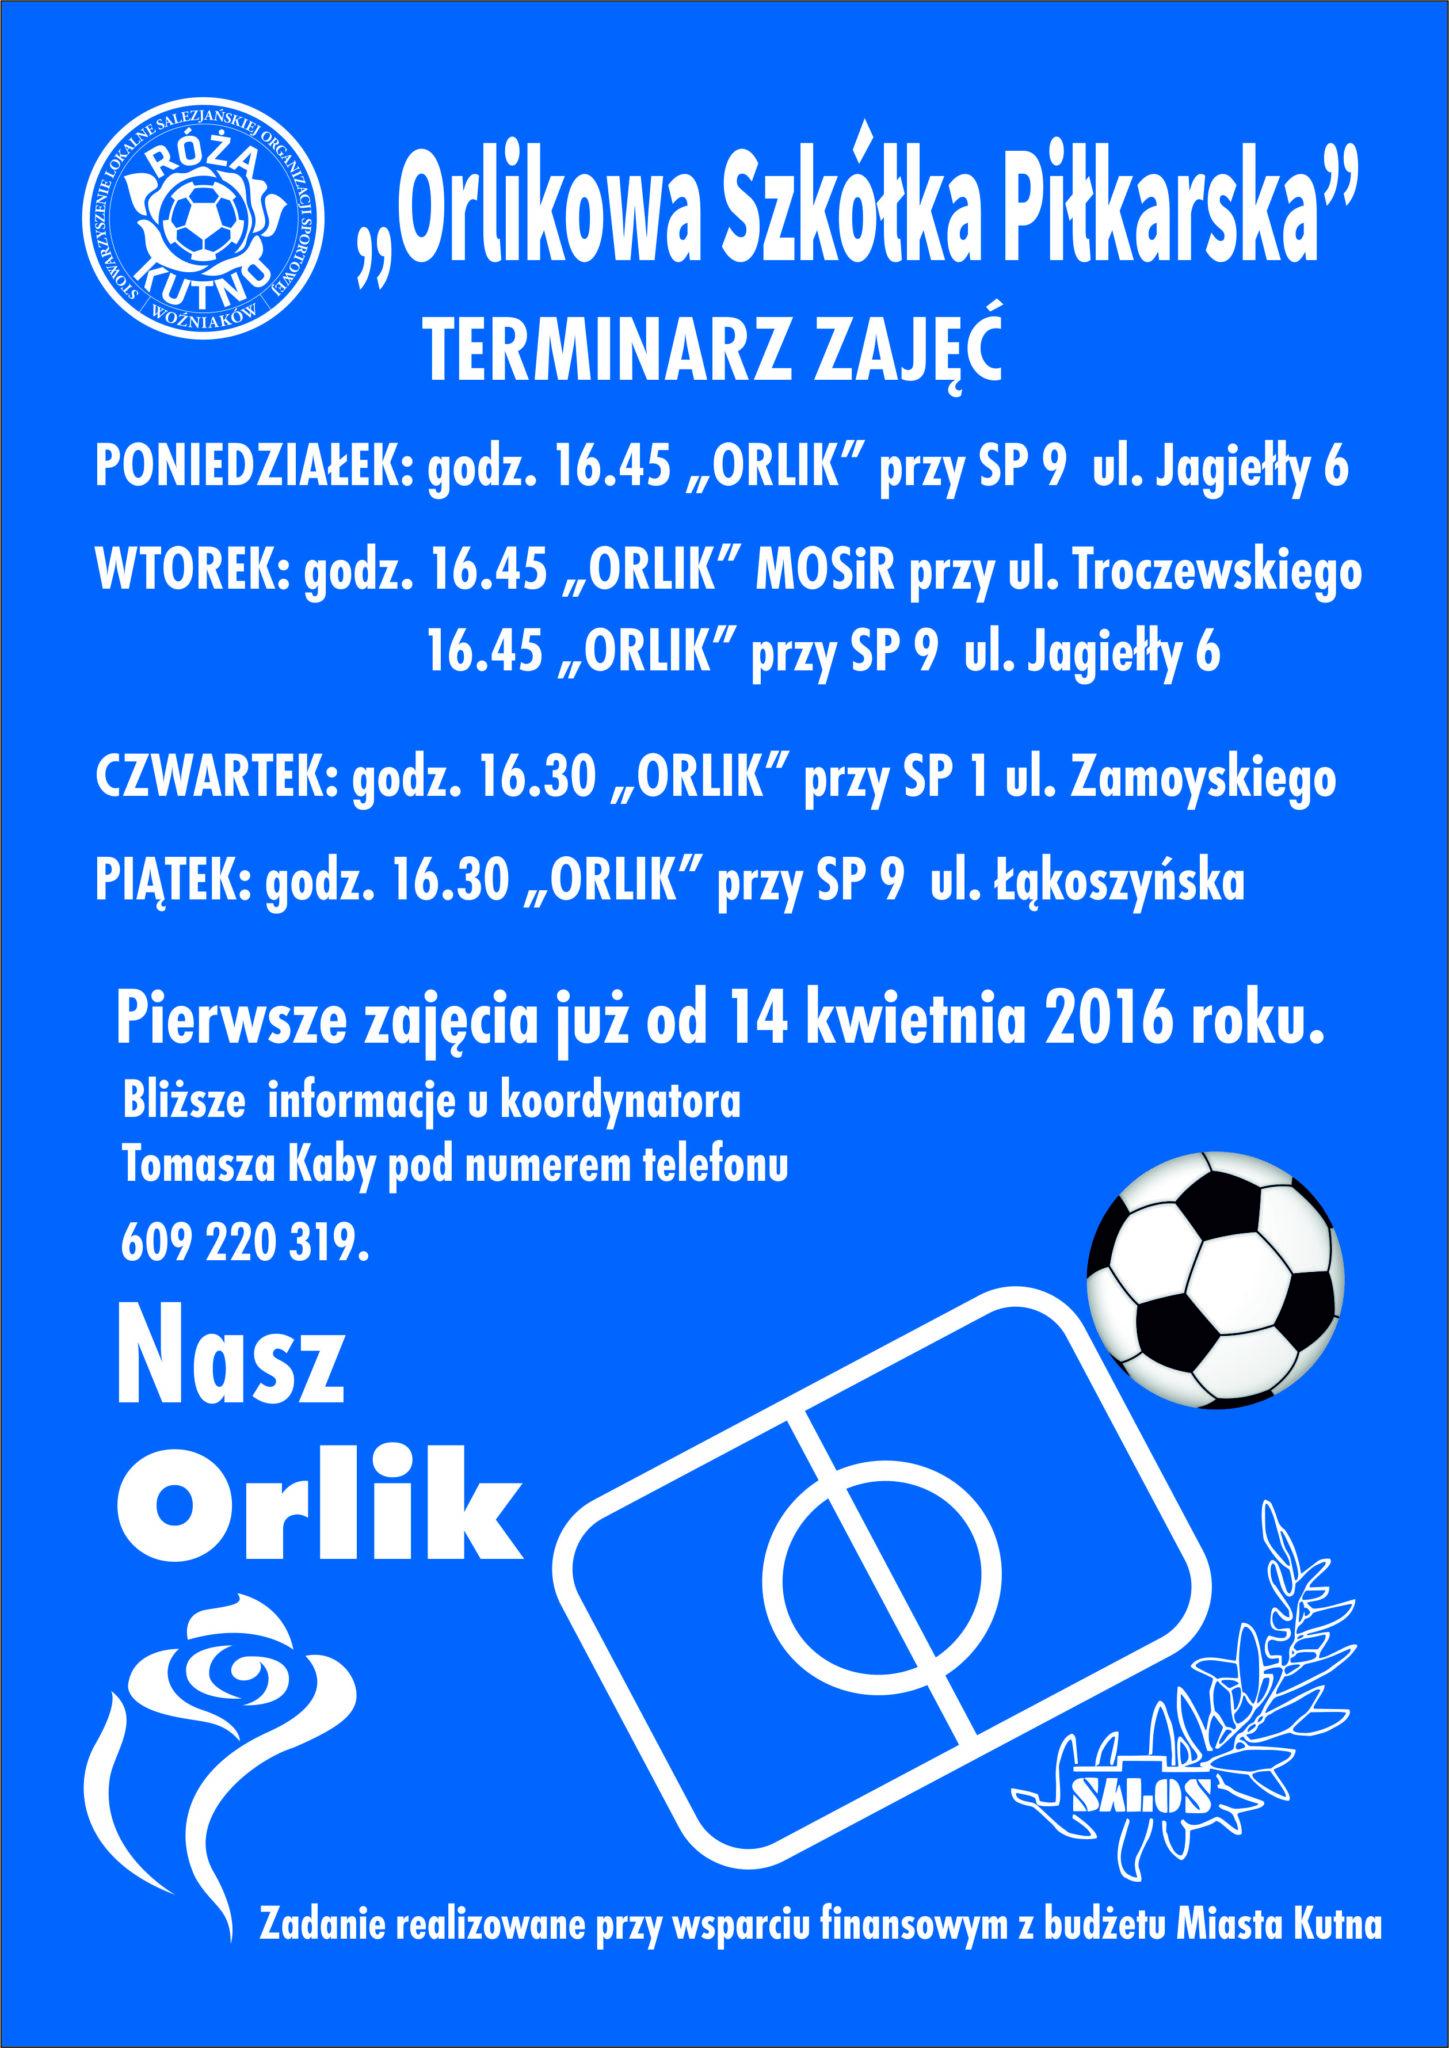 Orlikowa Szkółka Piłkarska 2016